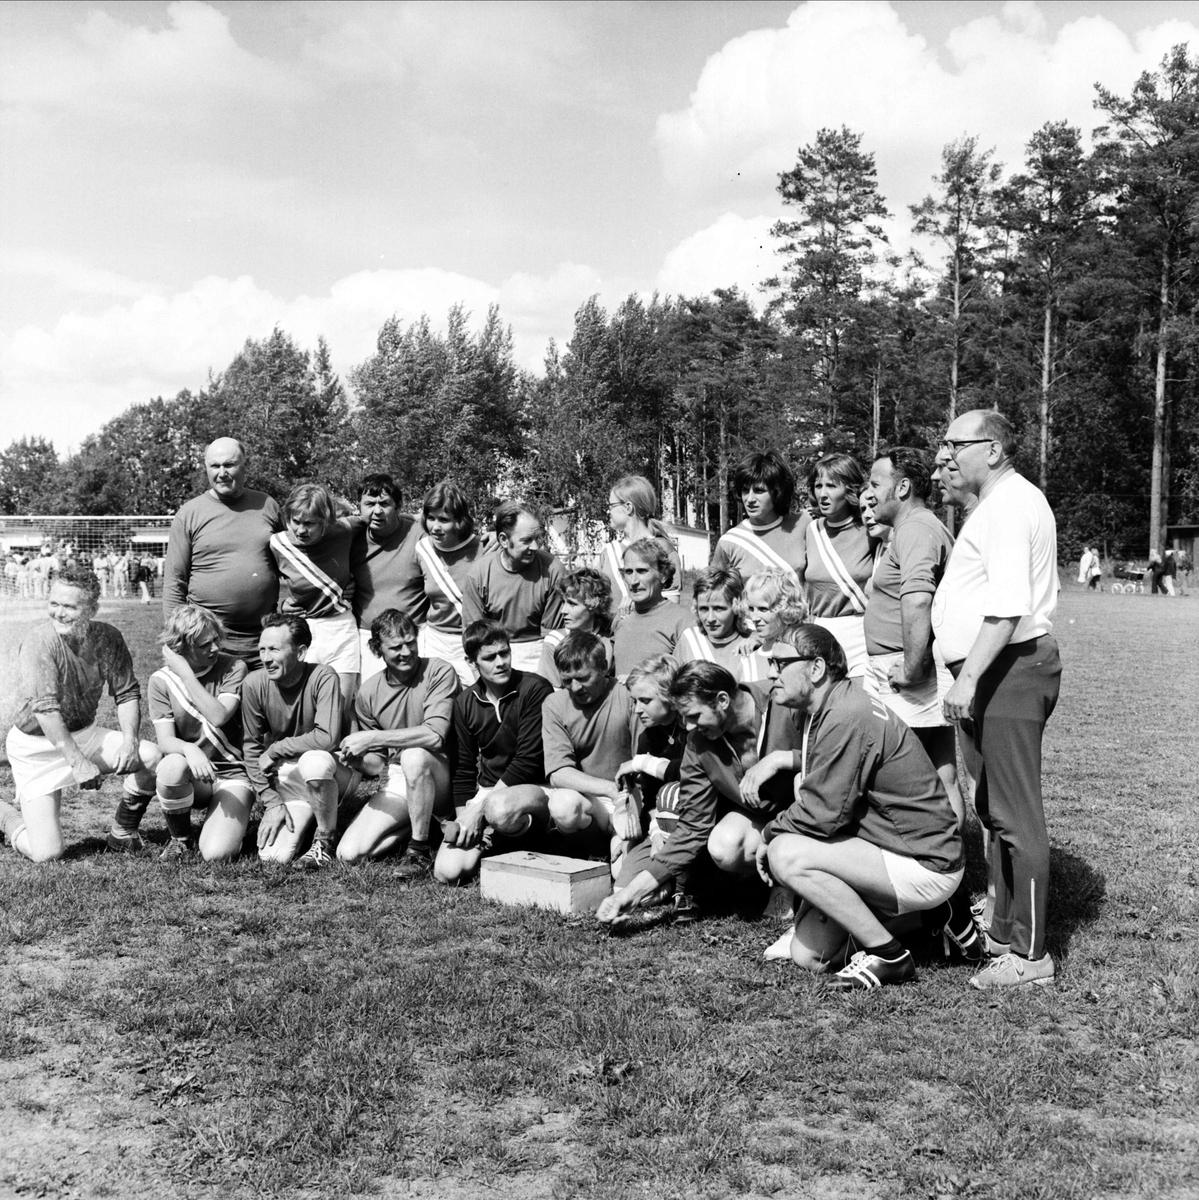 Kommunfotboll i Ullfors, Tierps socken, Uppland juni 1973